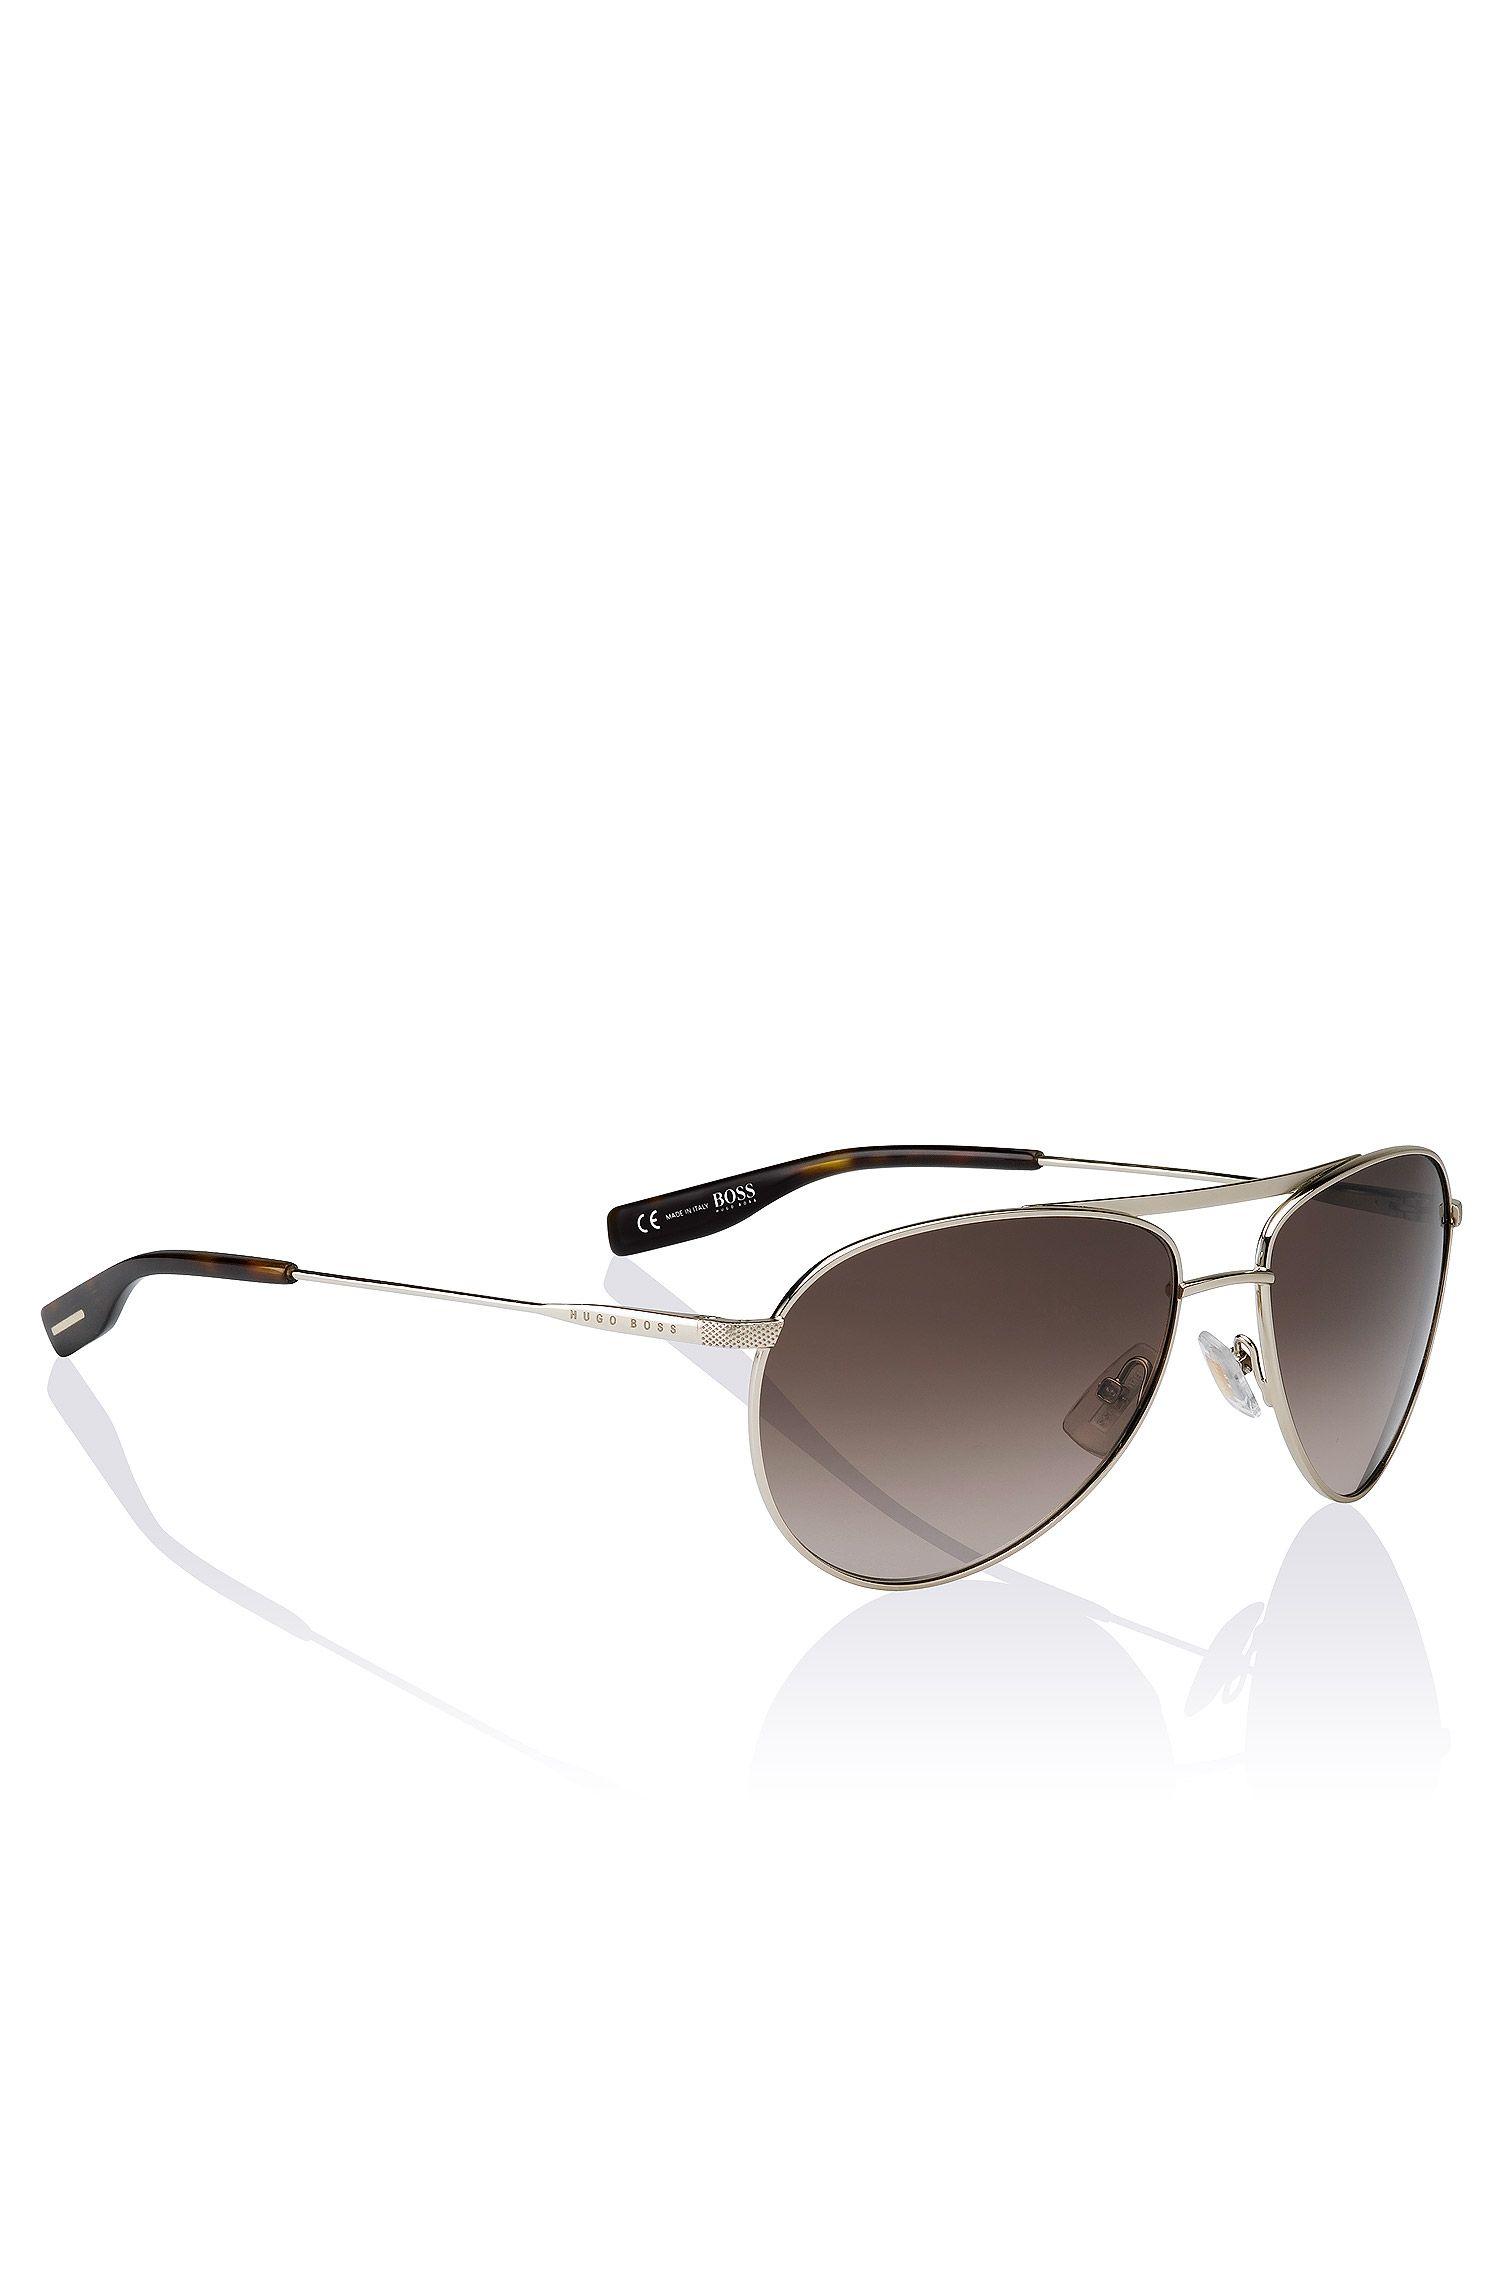 Piloten-Sonnenbrille ´BOSS 06317/S` aus Ruthenium